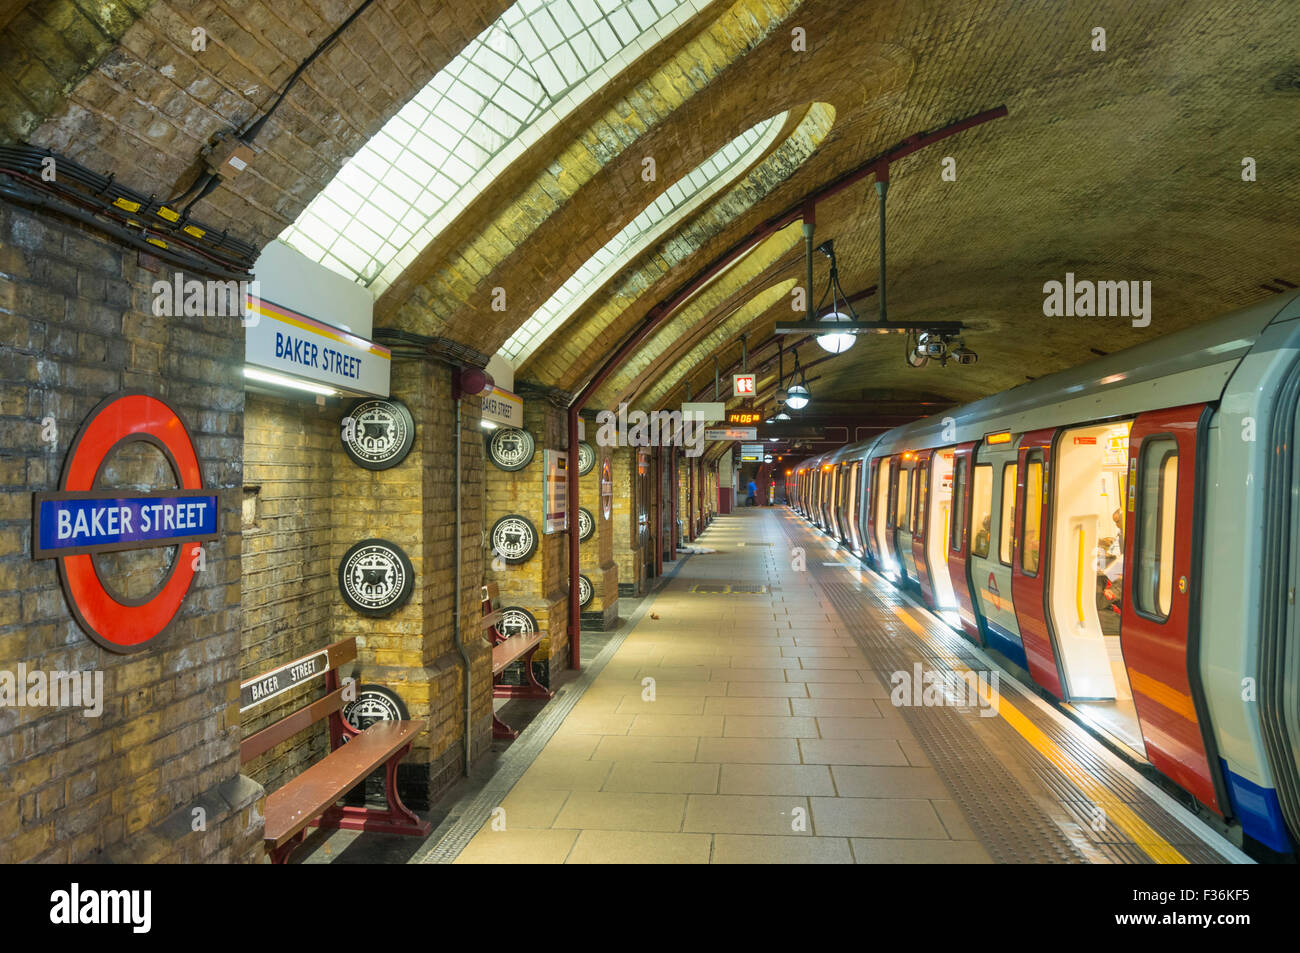 Viktorianische Architektur und freiliegendes Mauerwerk an der Baker Street U-Bahnstation Plattform London England Stockbild